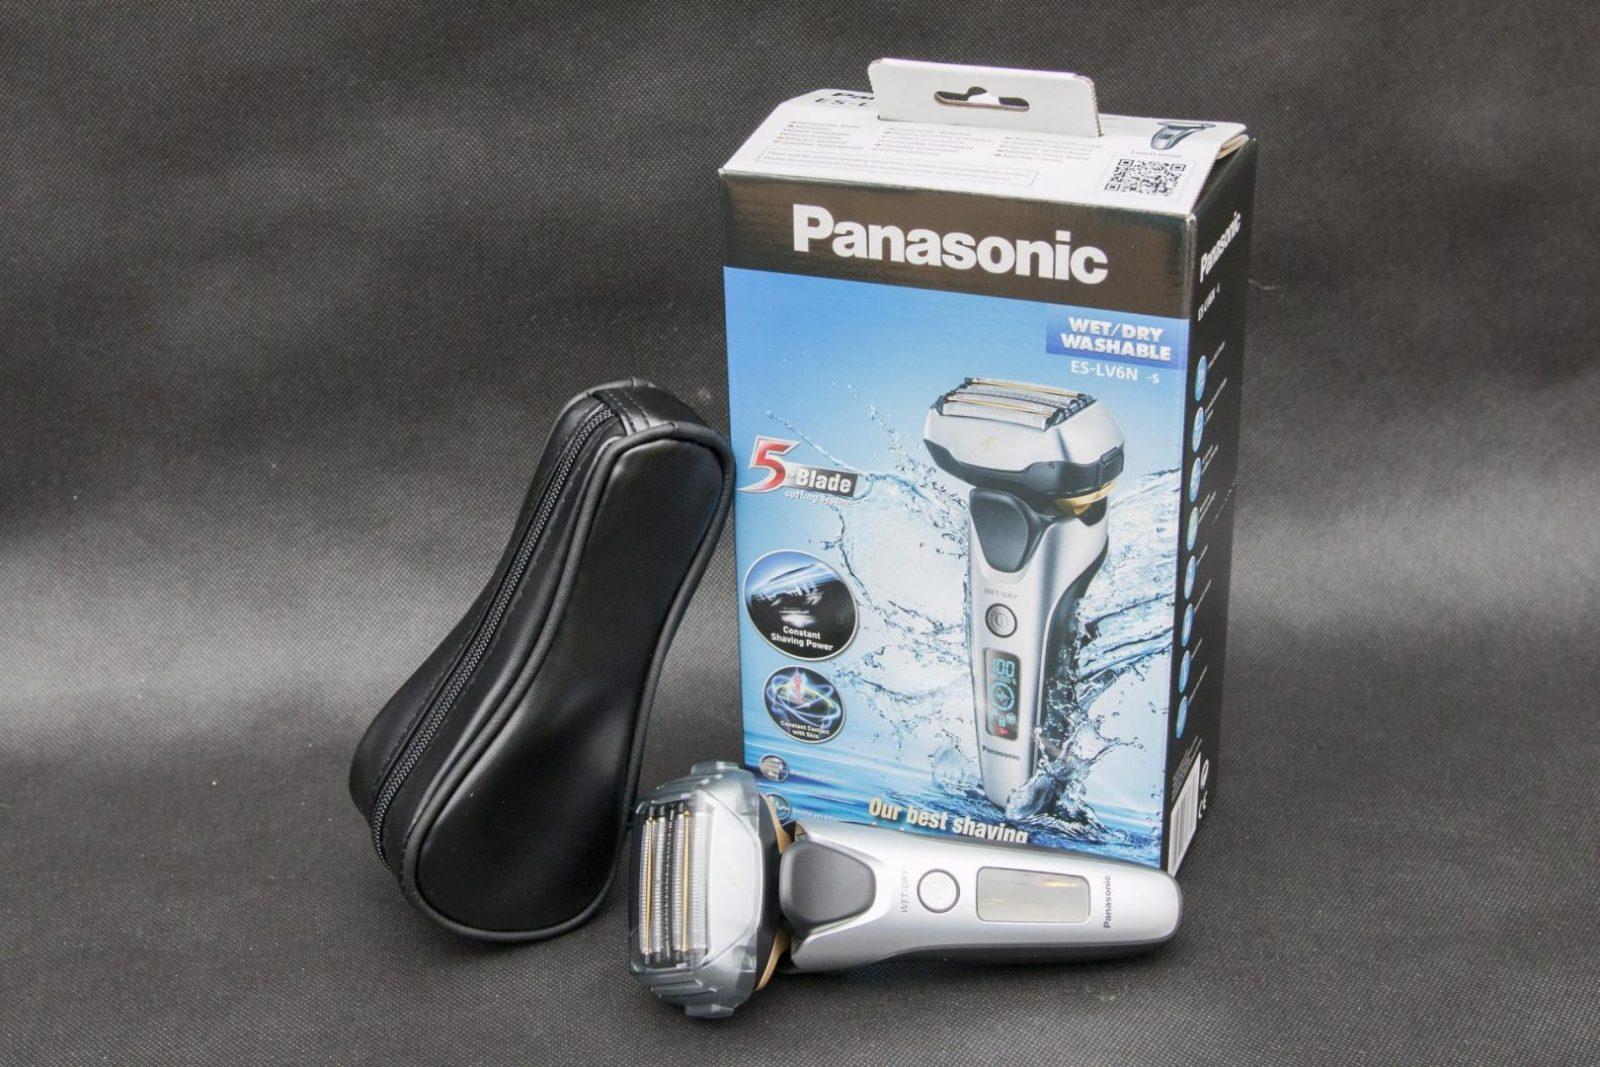 Panasonic-ES-LV6N